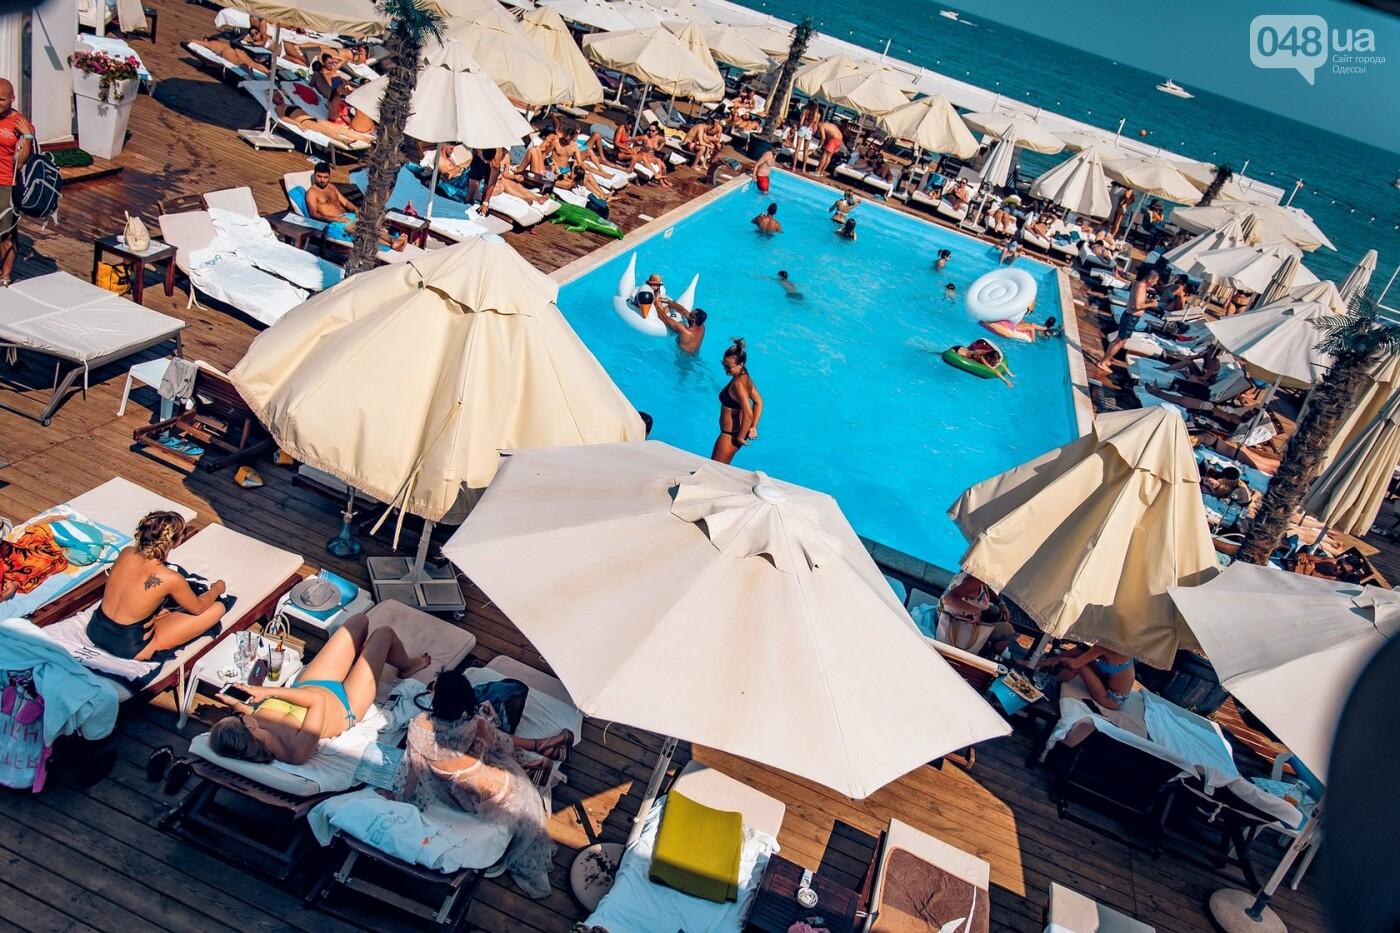 Пальмы и мохито: Топ открытых бассейнов Одессы, где можно отдохнуть по-богатому, - ФОТО, фото-4